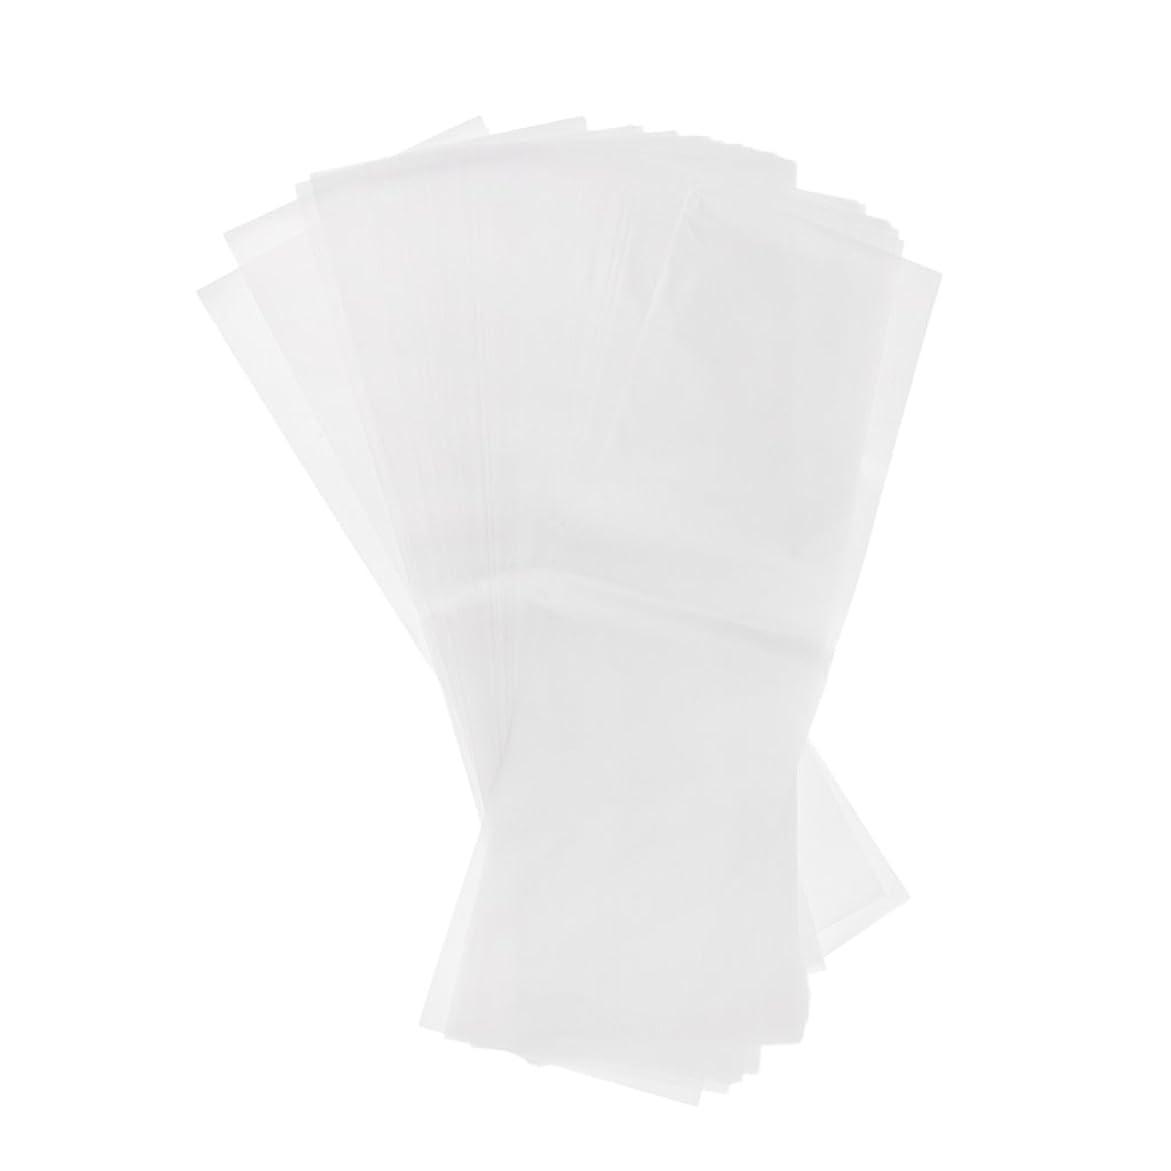 極小明快親愛なF Fityle 約100個 毛染め サロン プラスチック 染毛紙 色のハイライト 分離シート 再利用可能